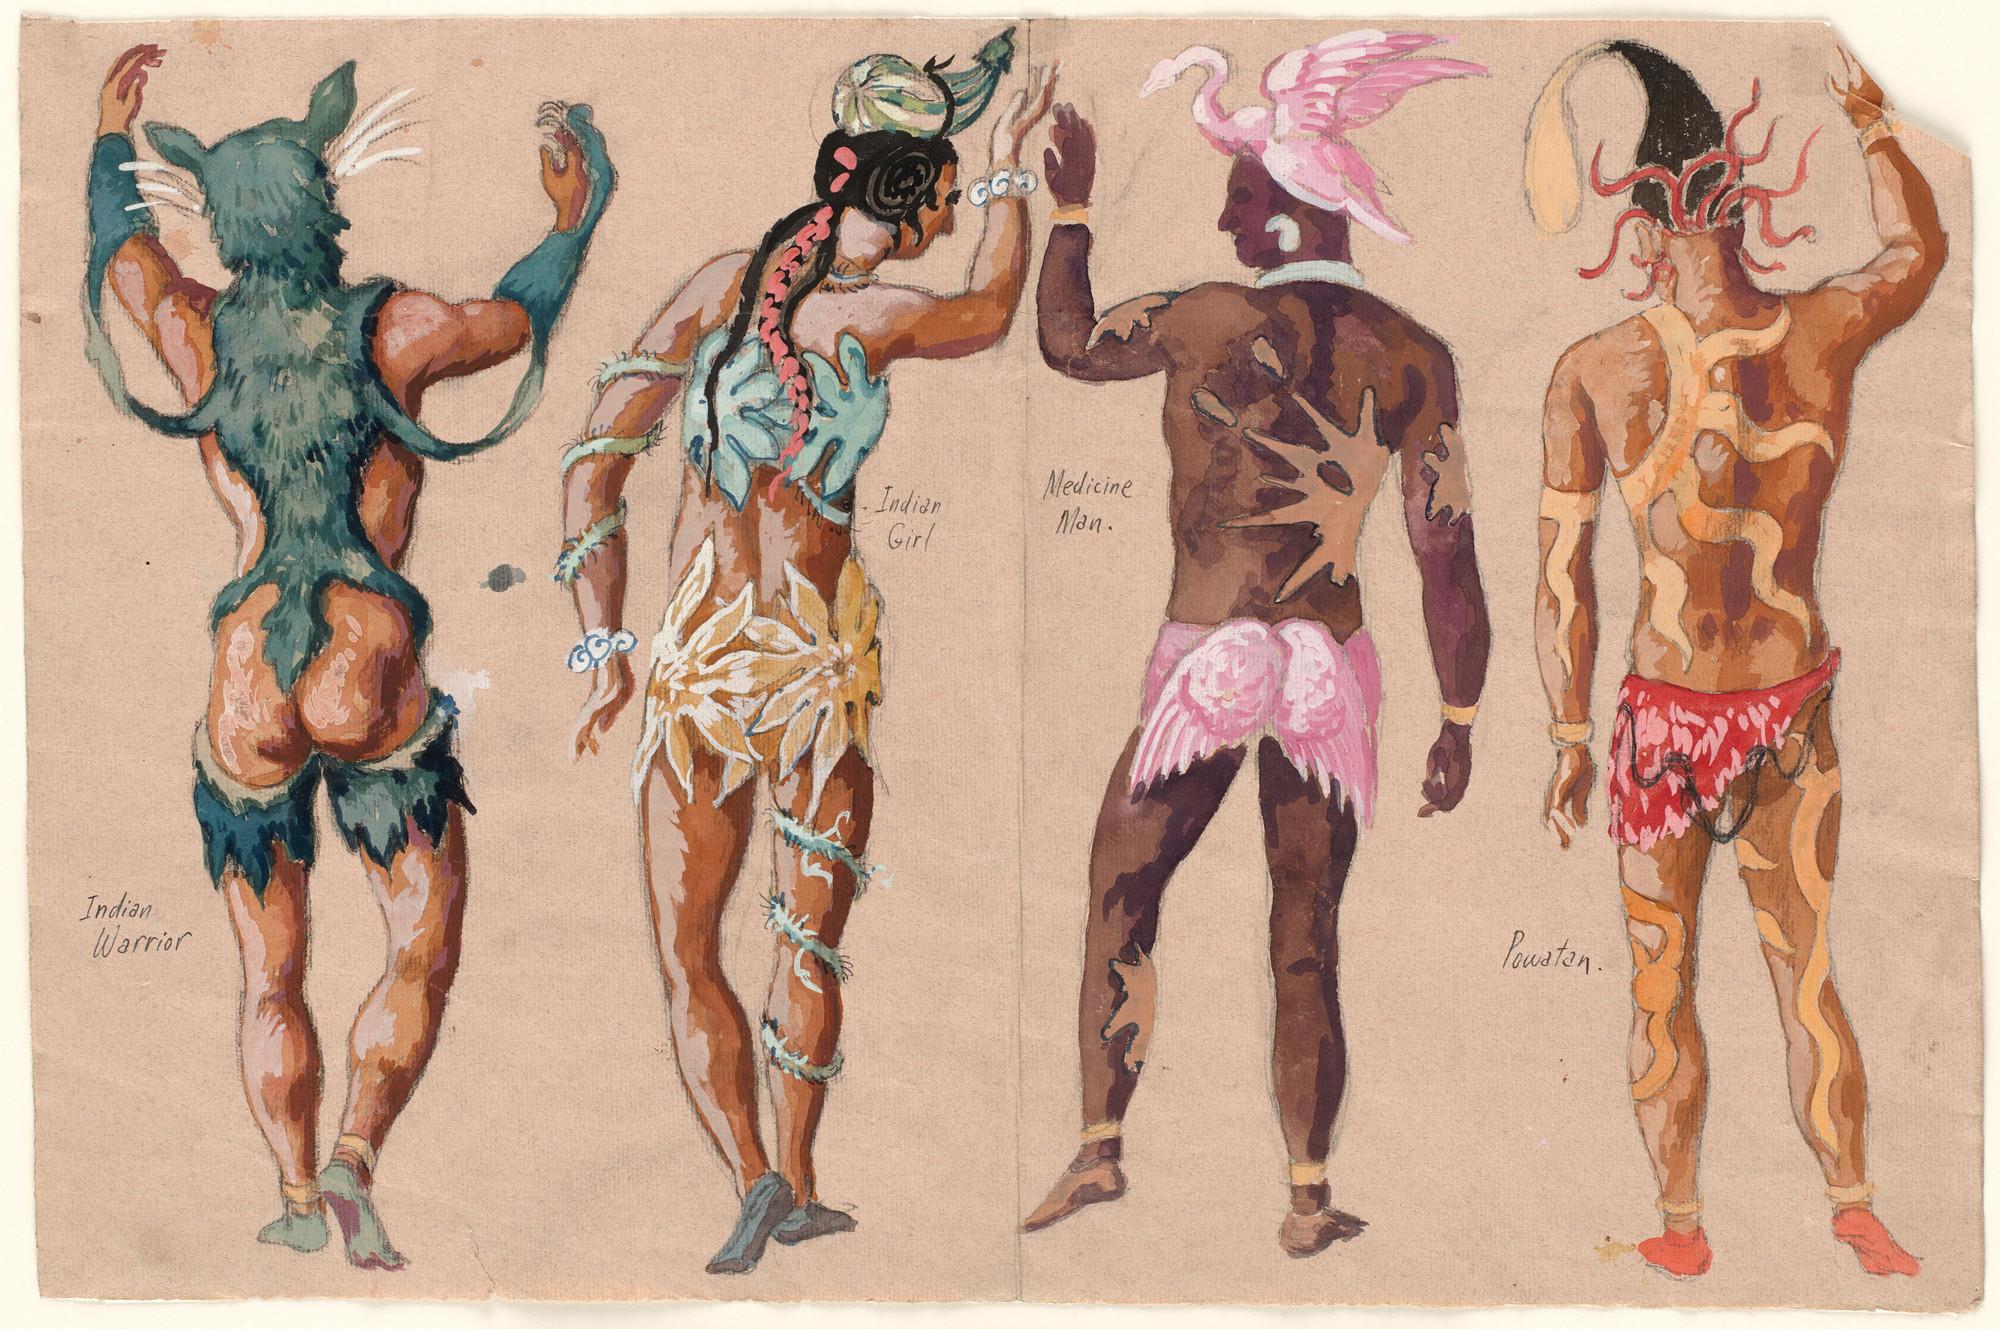 Karl Free  Indian Warrior, Indian Girl, Medicine Man